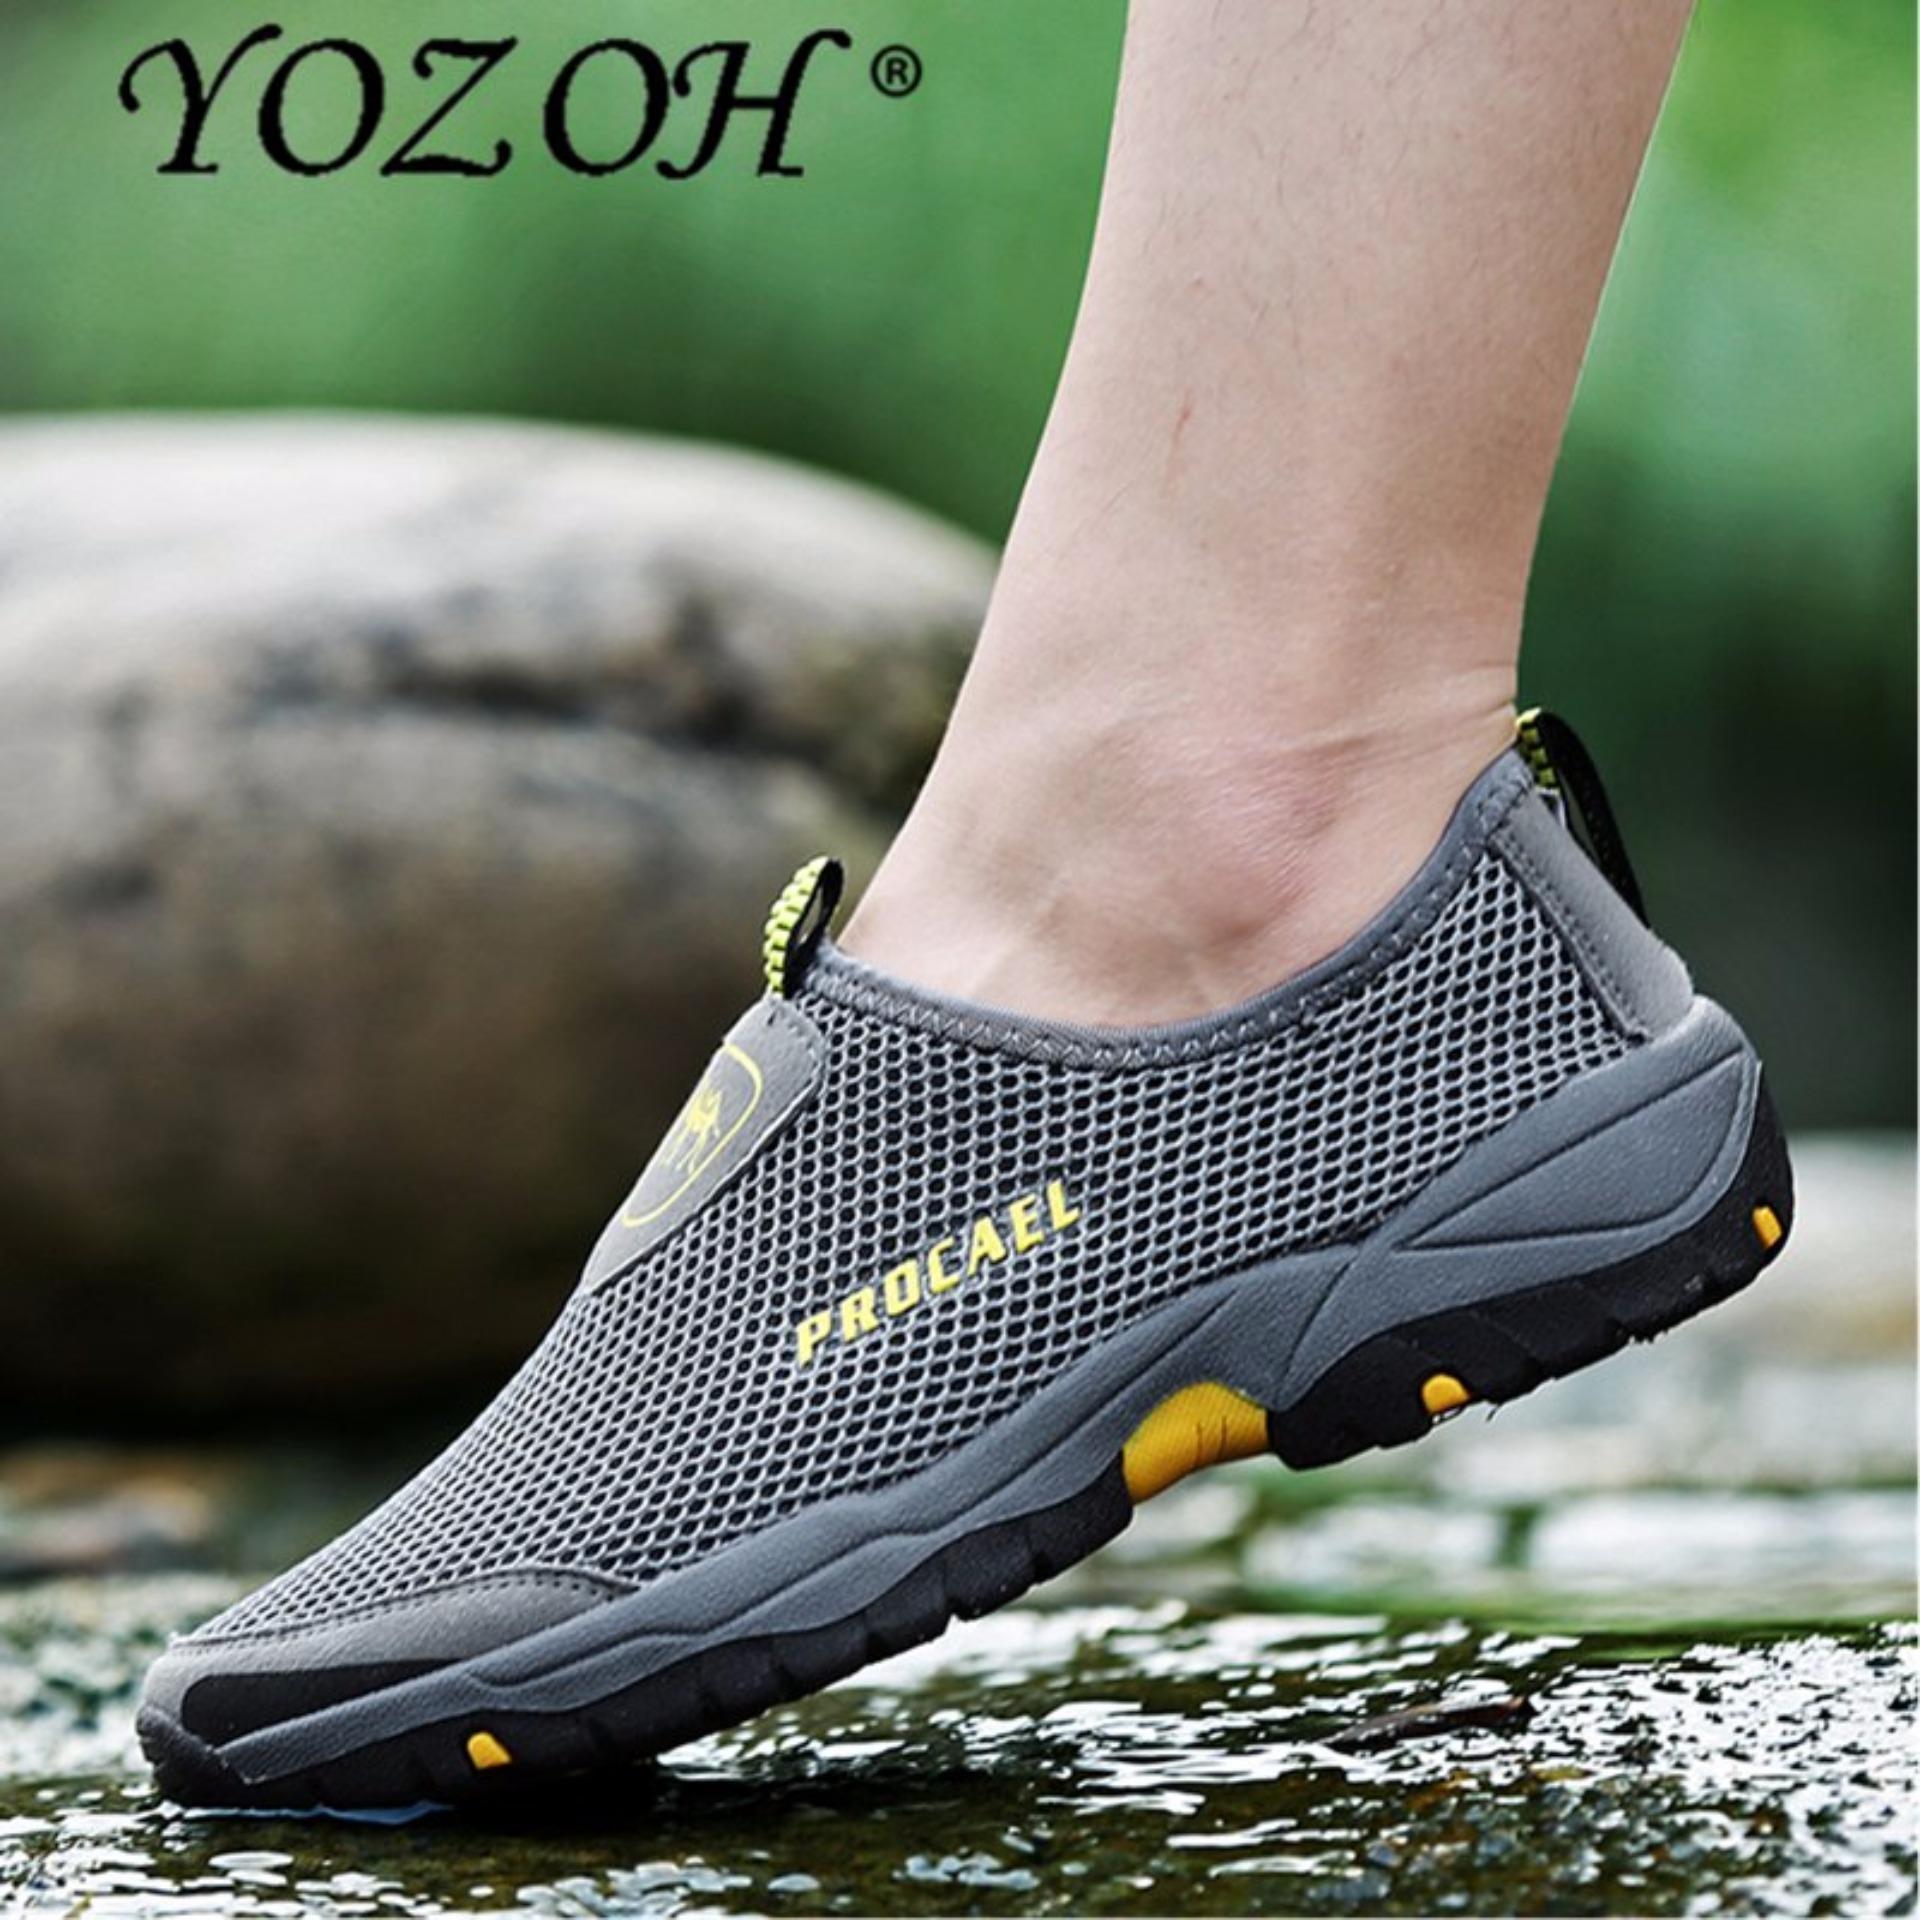 Ulasan Tentang Yozoh Mode Musim Panas Sepatu Pria Udara Mesh Sepatu Kasual Ringan Bernapas Slip On Flat Chaussure